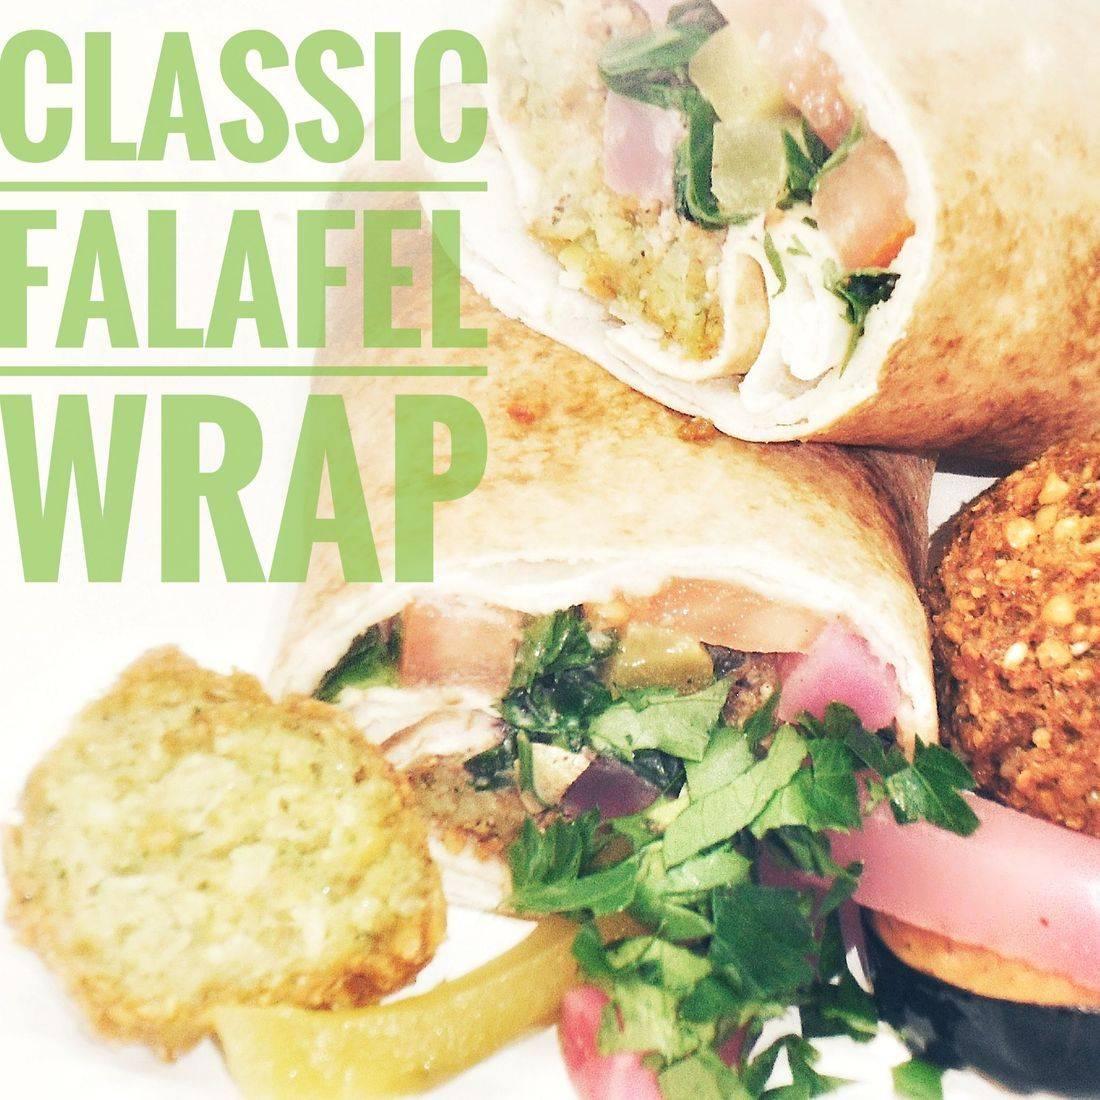 Classic Falafel Wrap Vegetarian Vegan